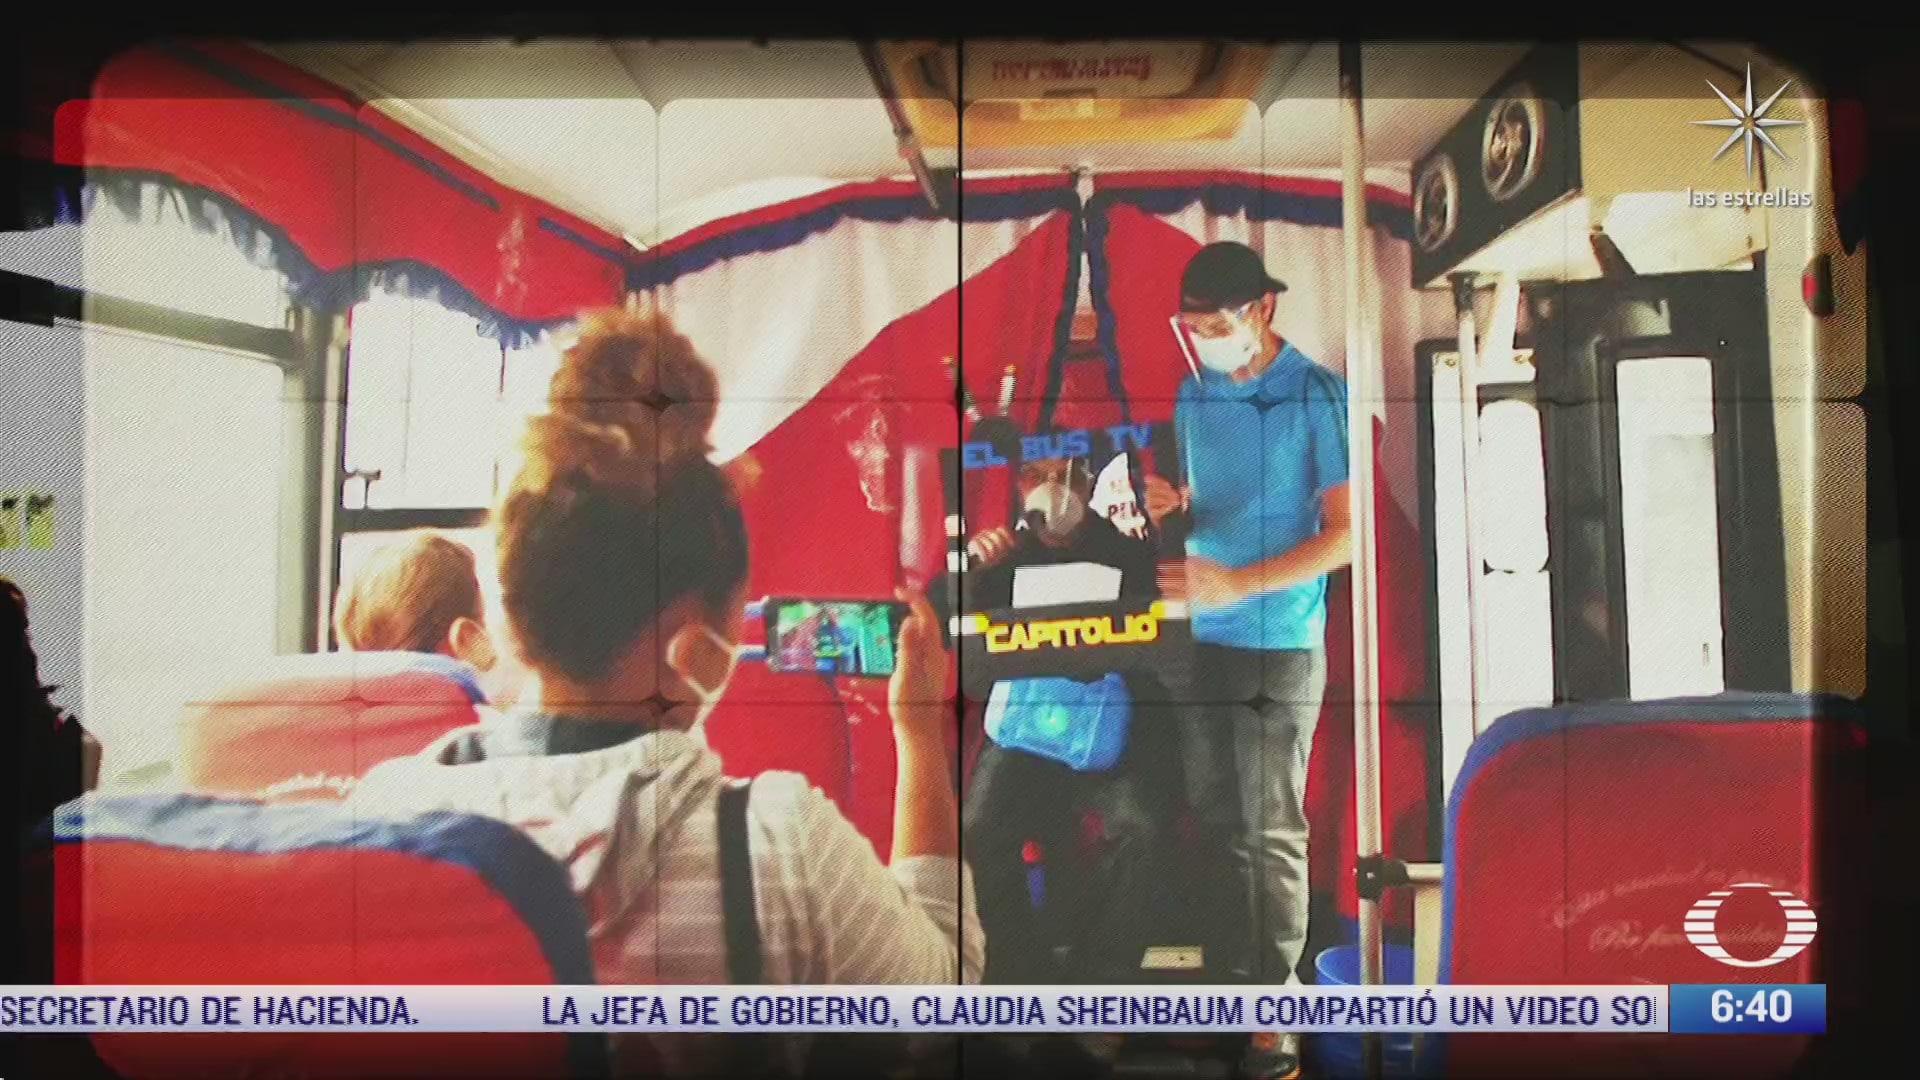 bus tv proyecto creado por periodistas de venezuela ante la censura